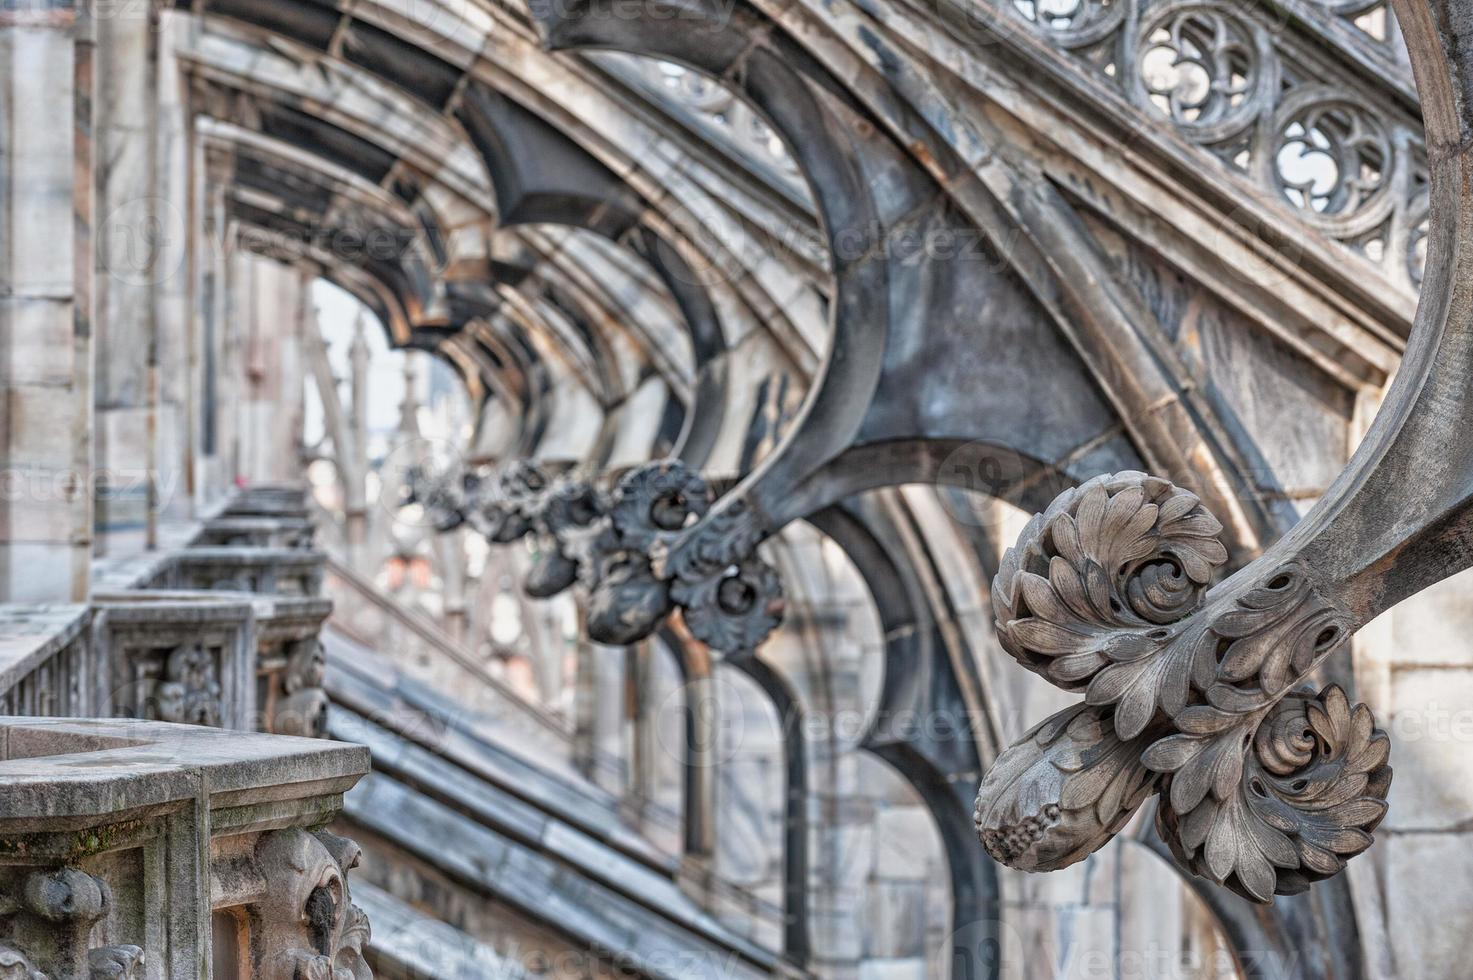 dettaglio degli archi del tetto della cattedrale di Milano foto